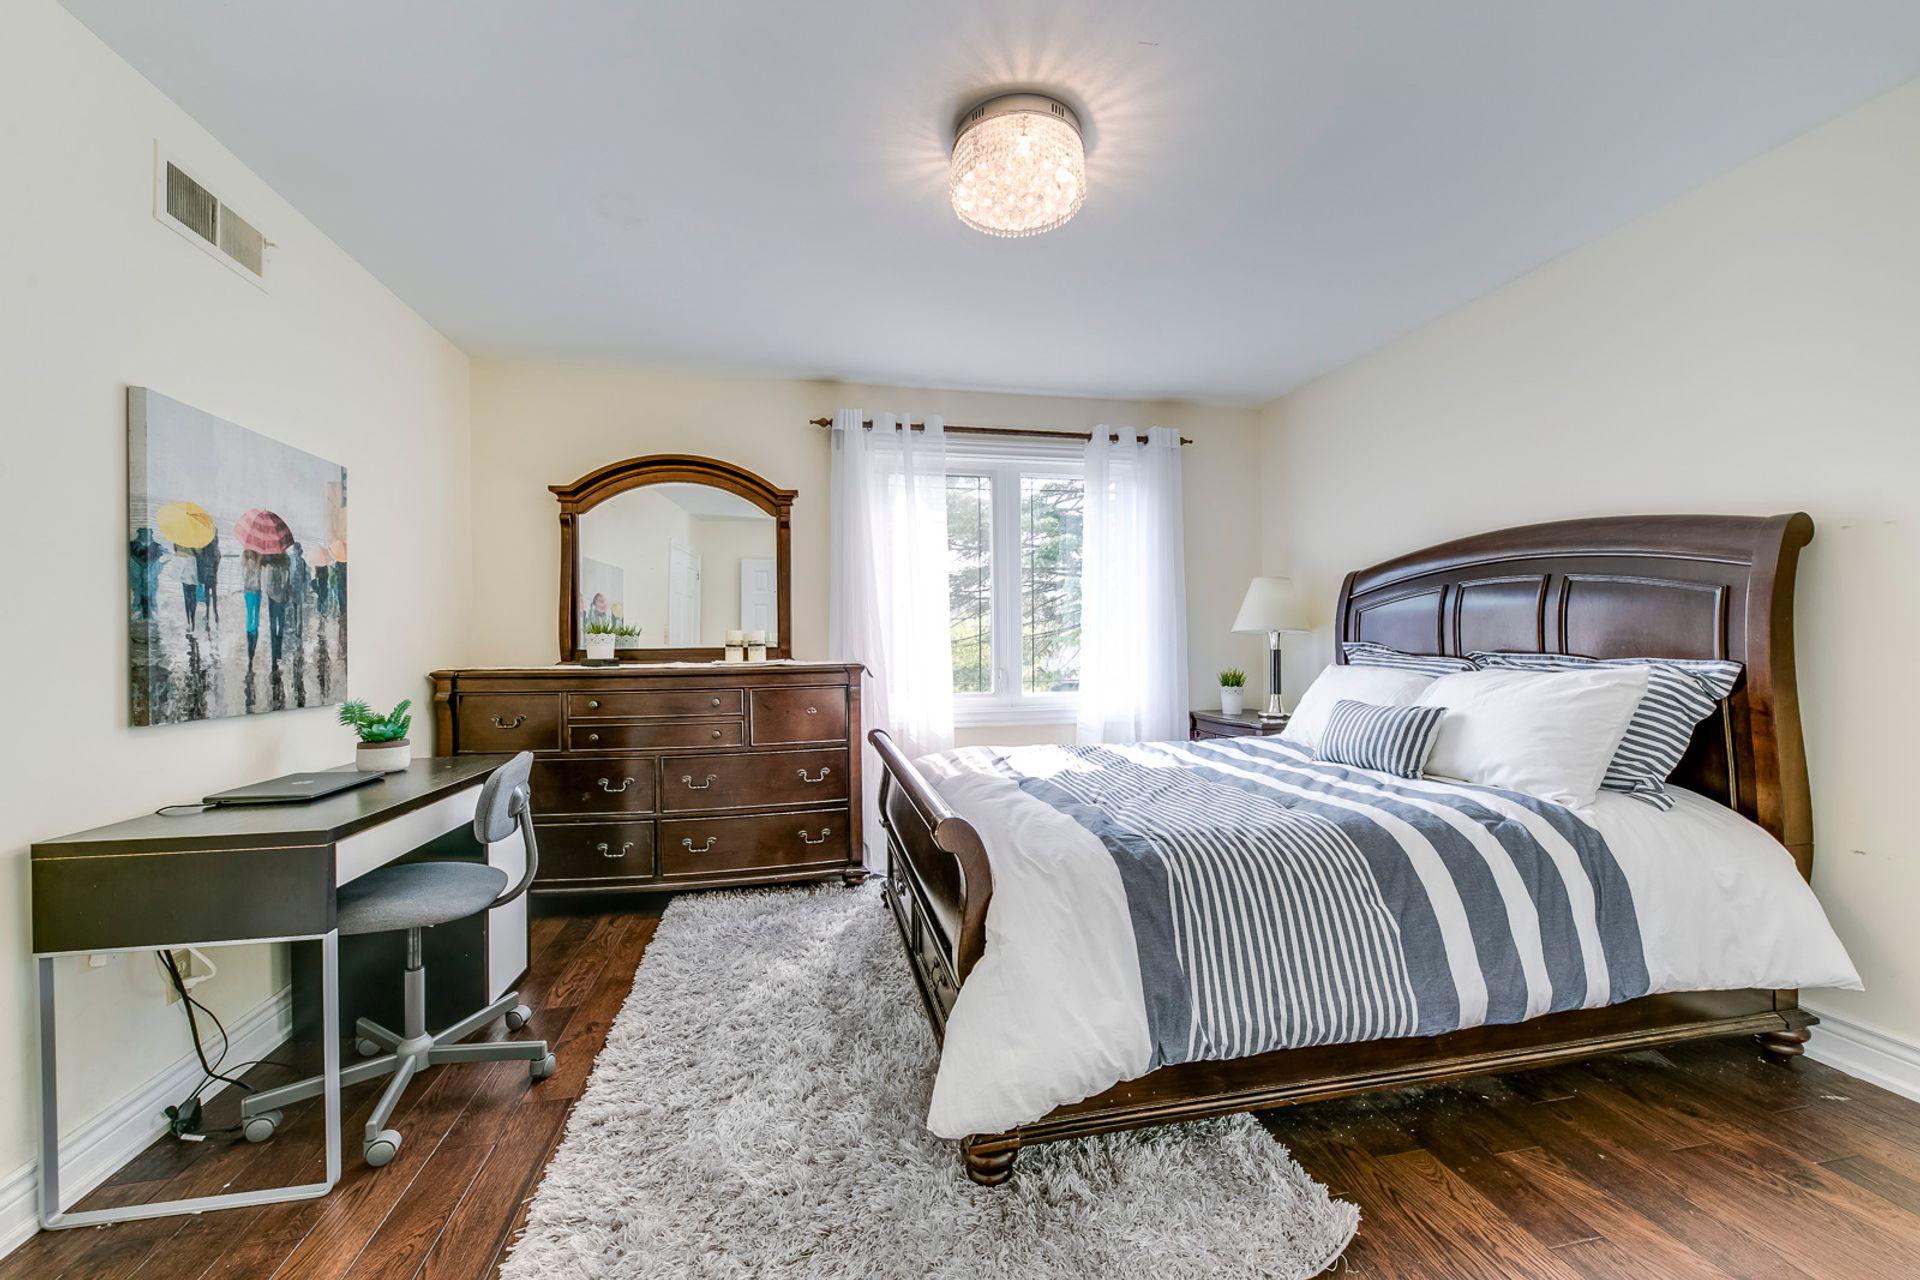 5th Bedroom - 2421 Jarvis St, Mississauga - Elite3 & Team at 2421 Jarvis Street, Airport Corporate, Mississauga